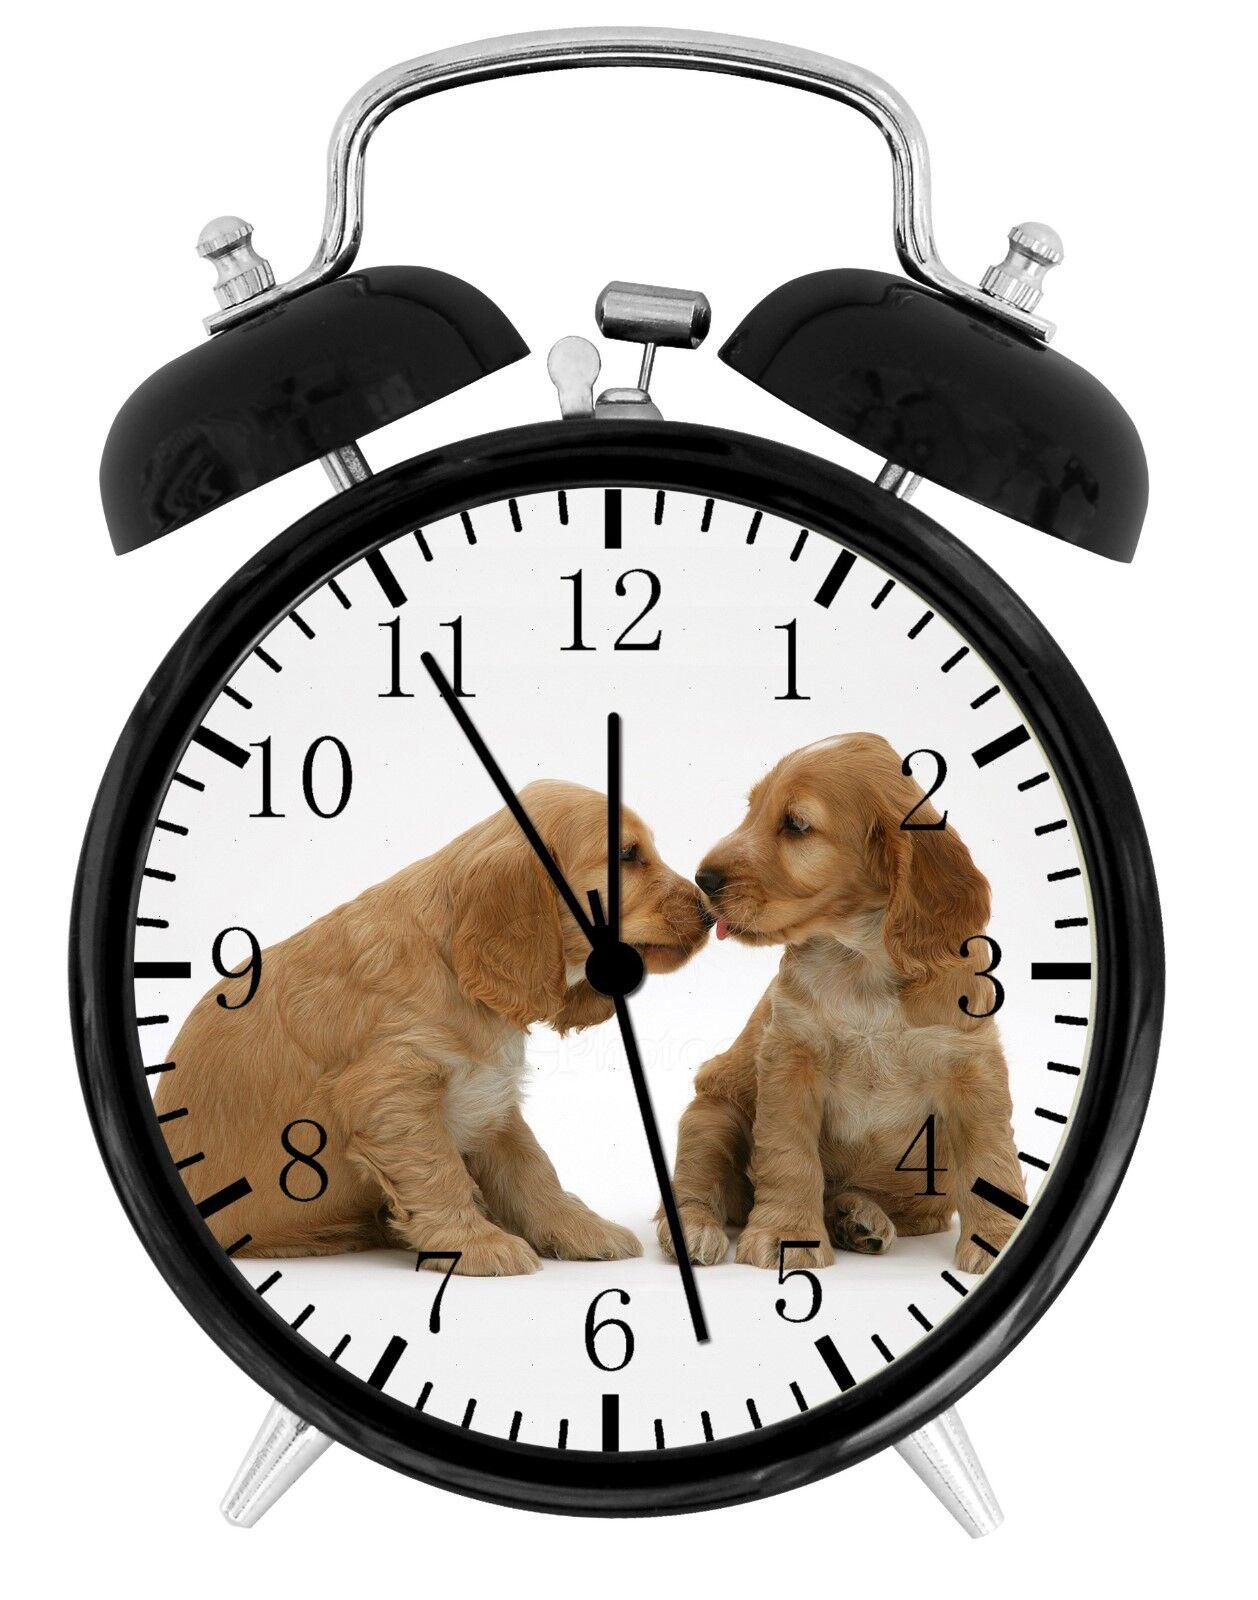 """Cute Cocker Spaniel Alarm Desk Clock 3.75"""" Home or Office Decor E292 Nice Gift"""